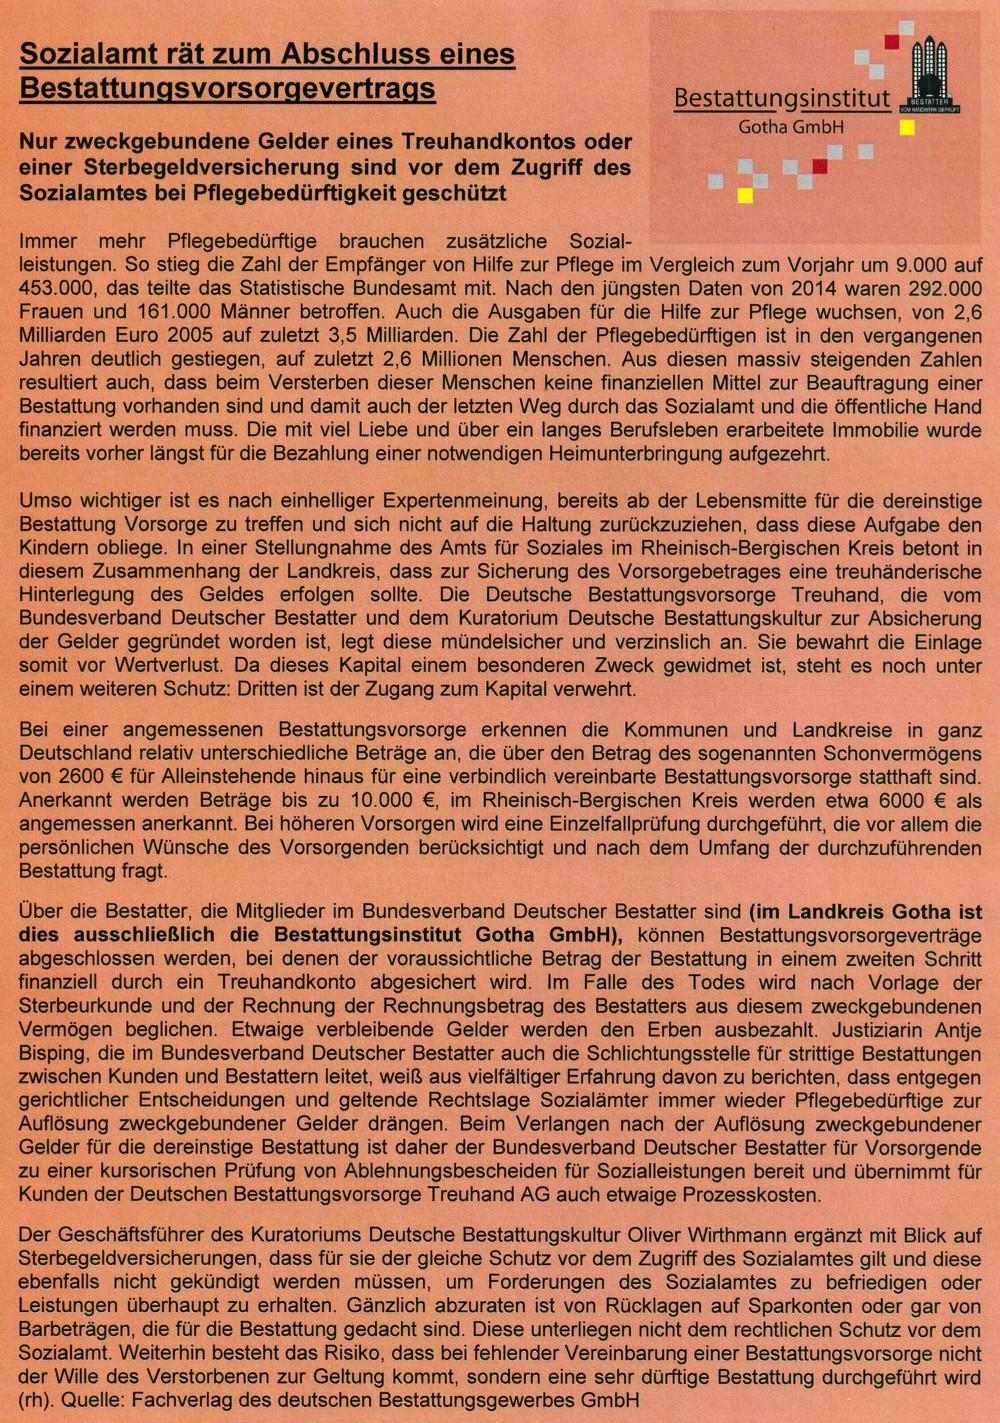 1-vorsorge und sozialamt-bdb-news-25.01.2016